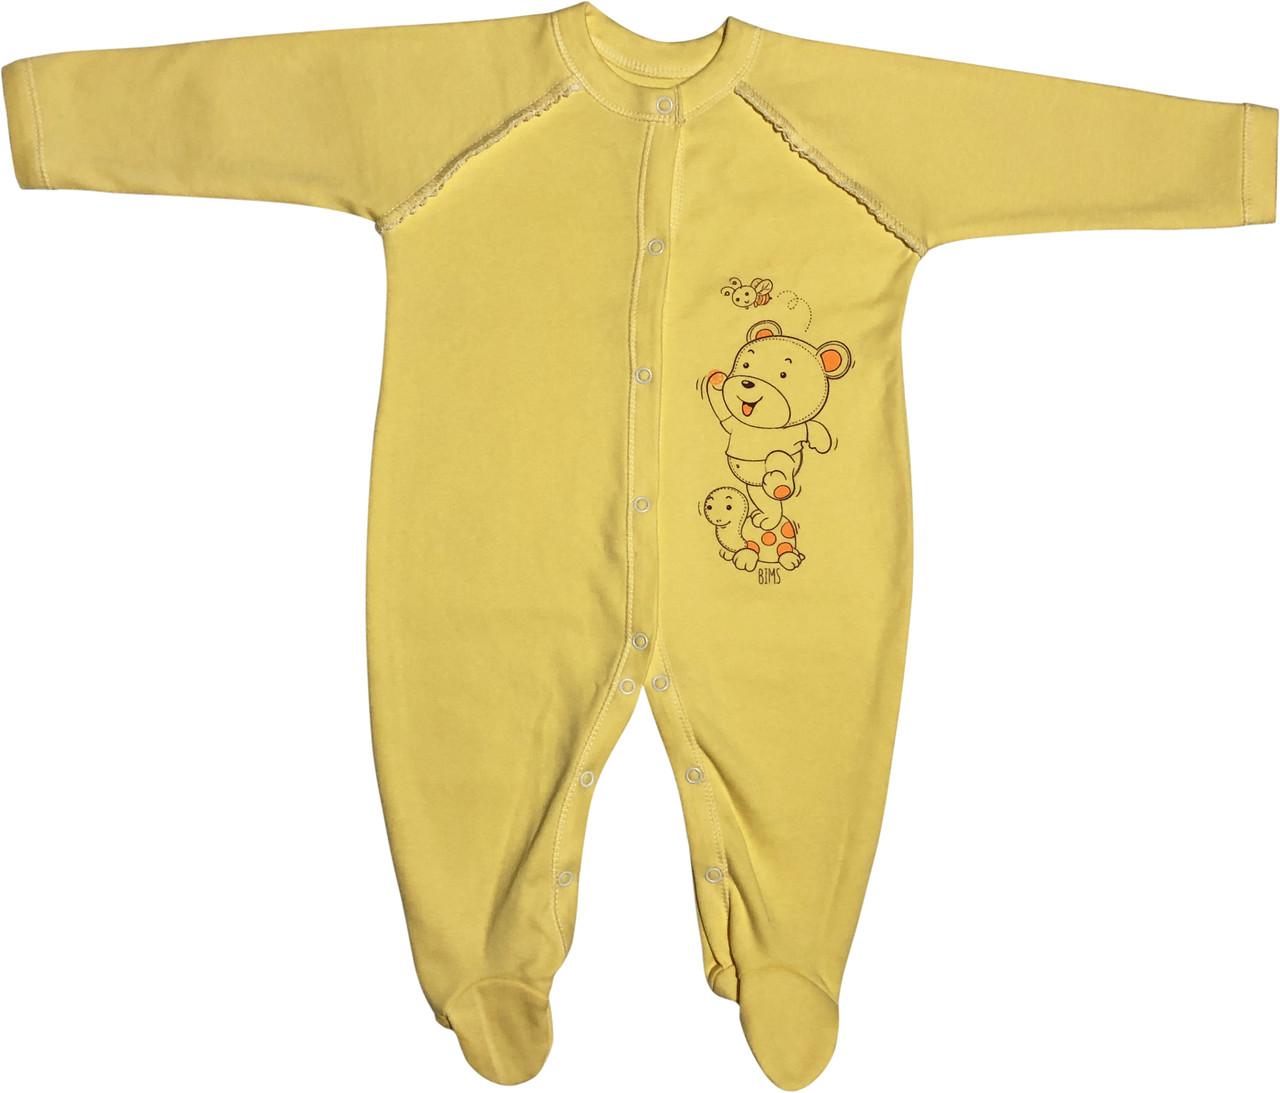 Теплий чоловічок з начосом для новонароджених зріст 74 6-9 міс на хлопчика дівчинку сліп трикотажний жовтий